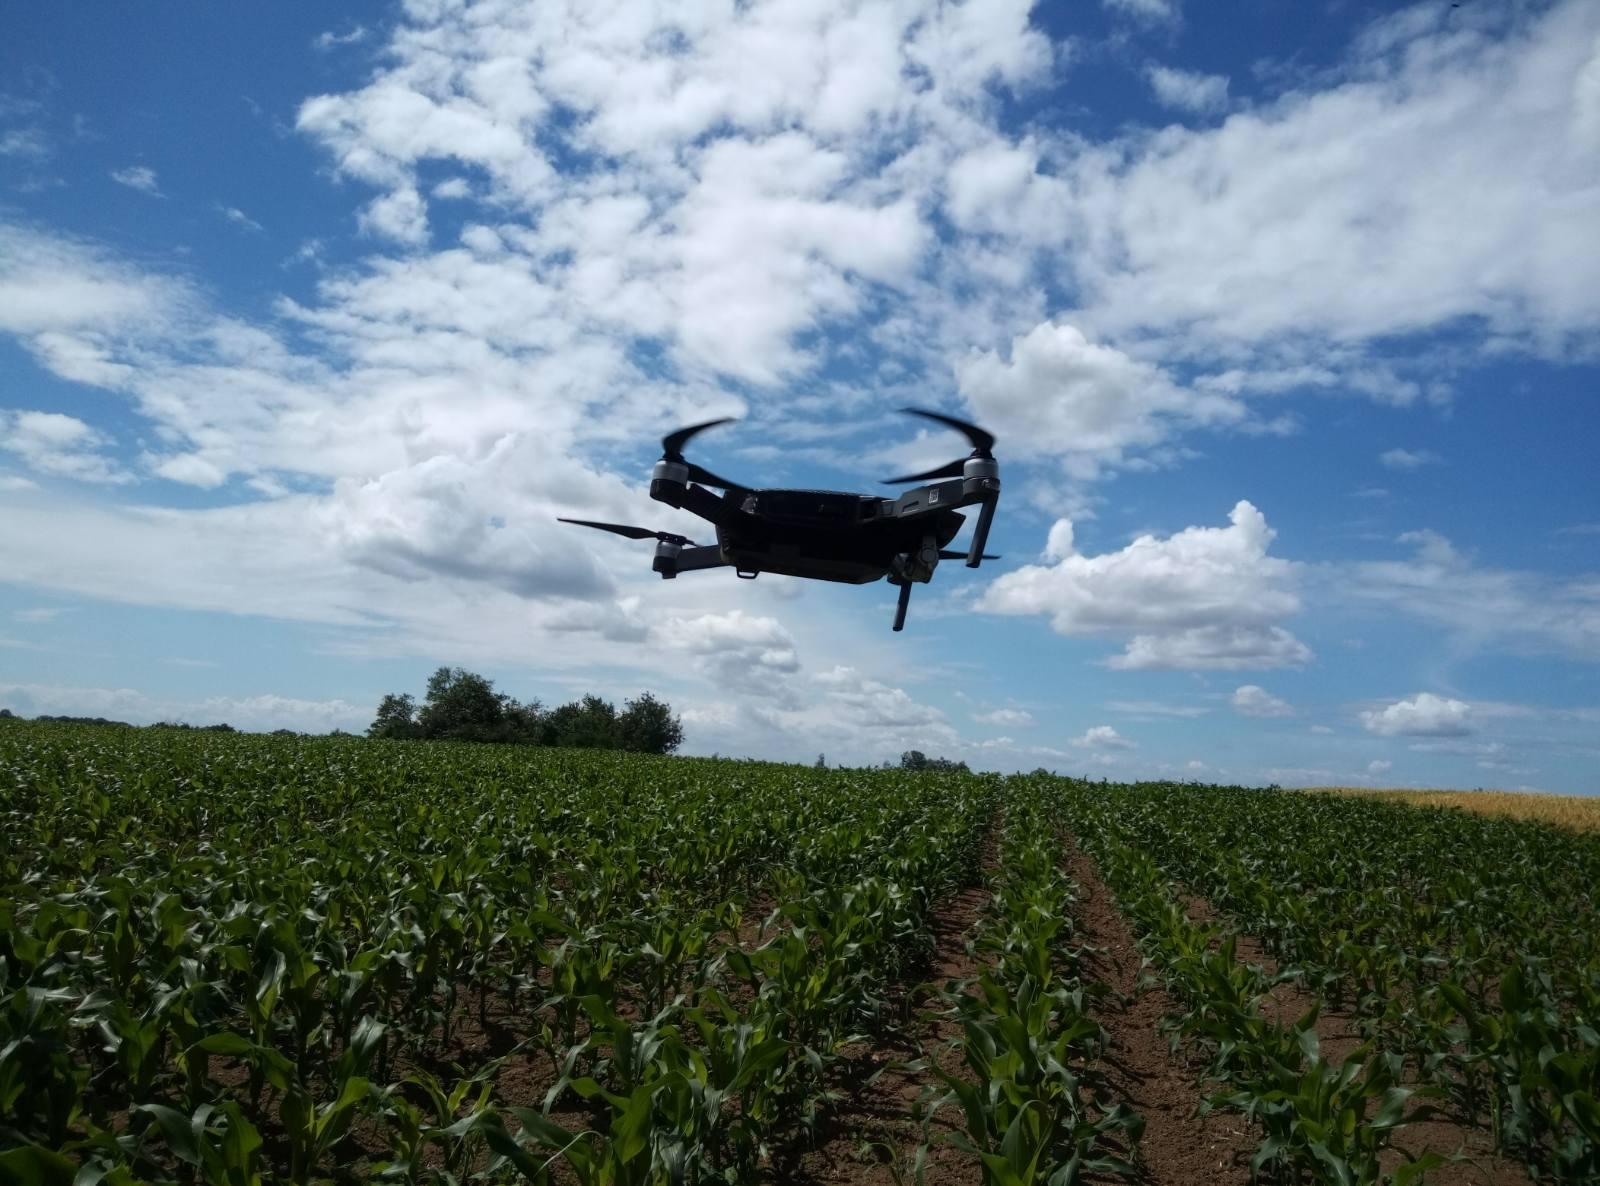 dron-iznad-zasada-kukuruz-bc-525